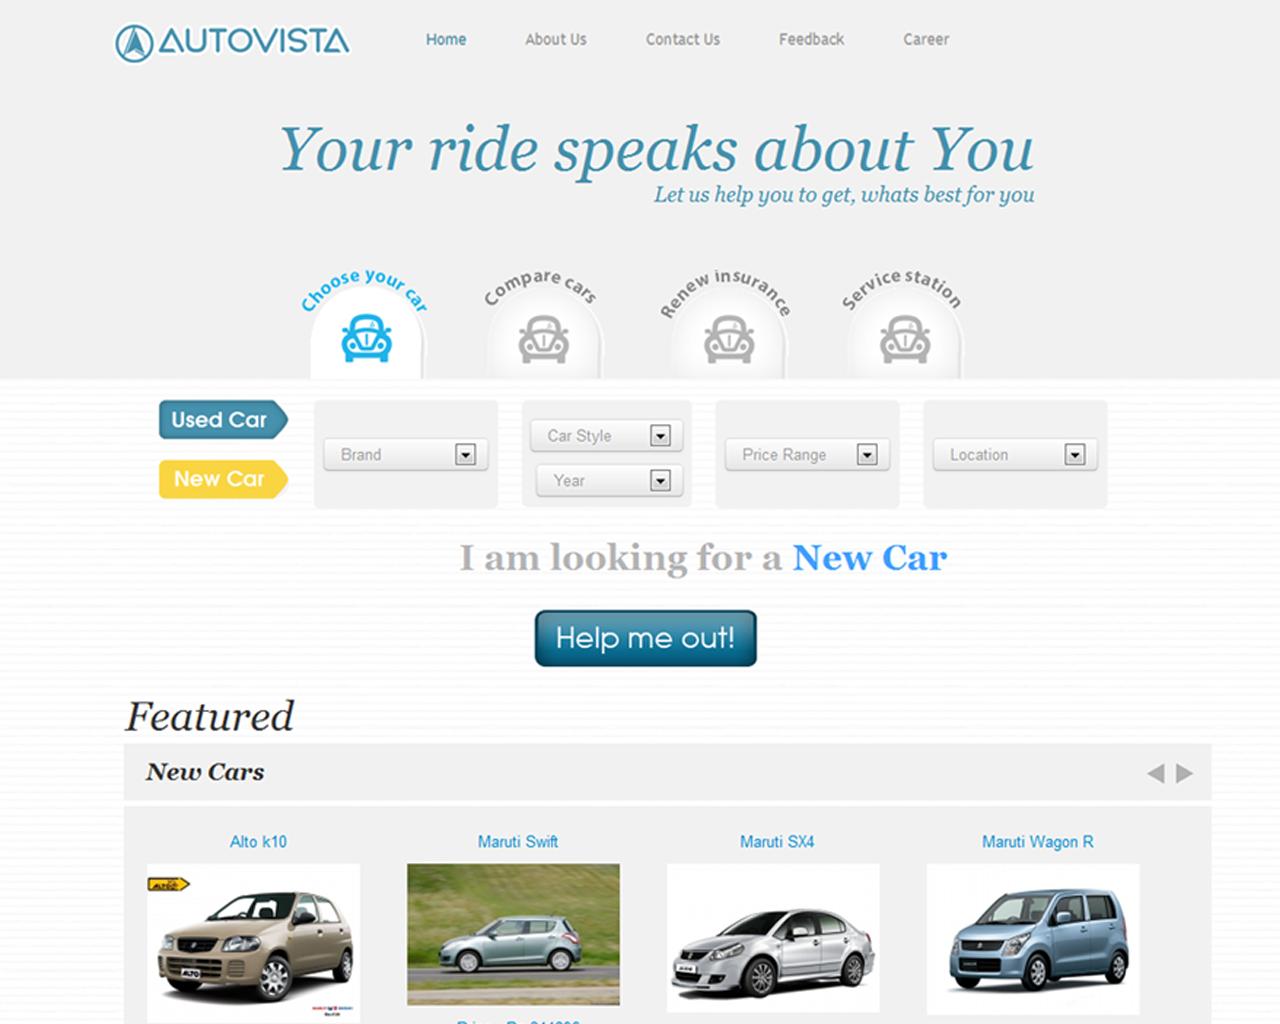 Autovista upper home page